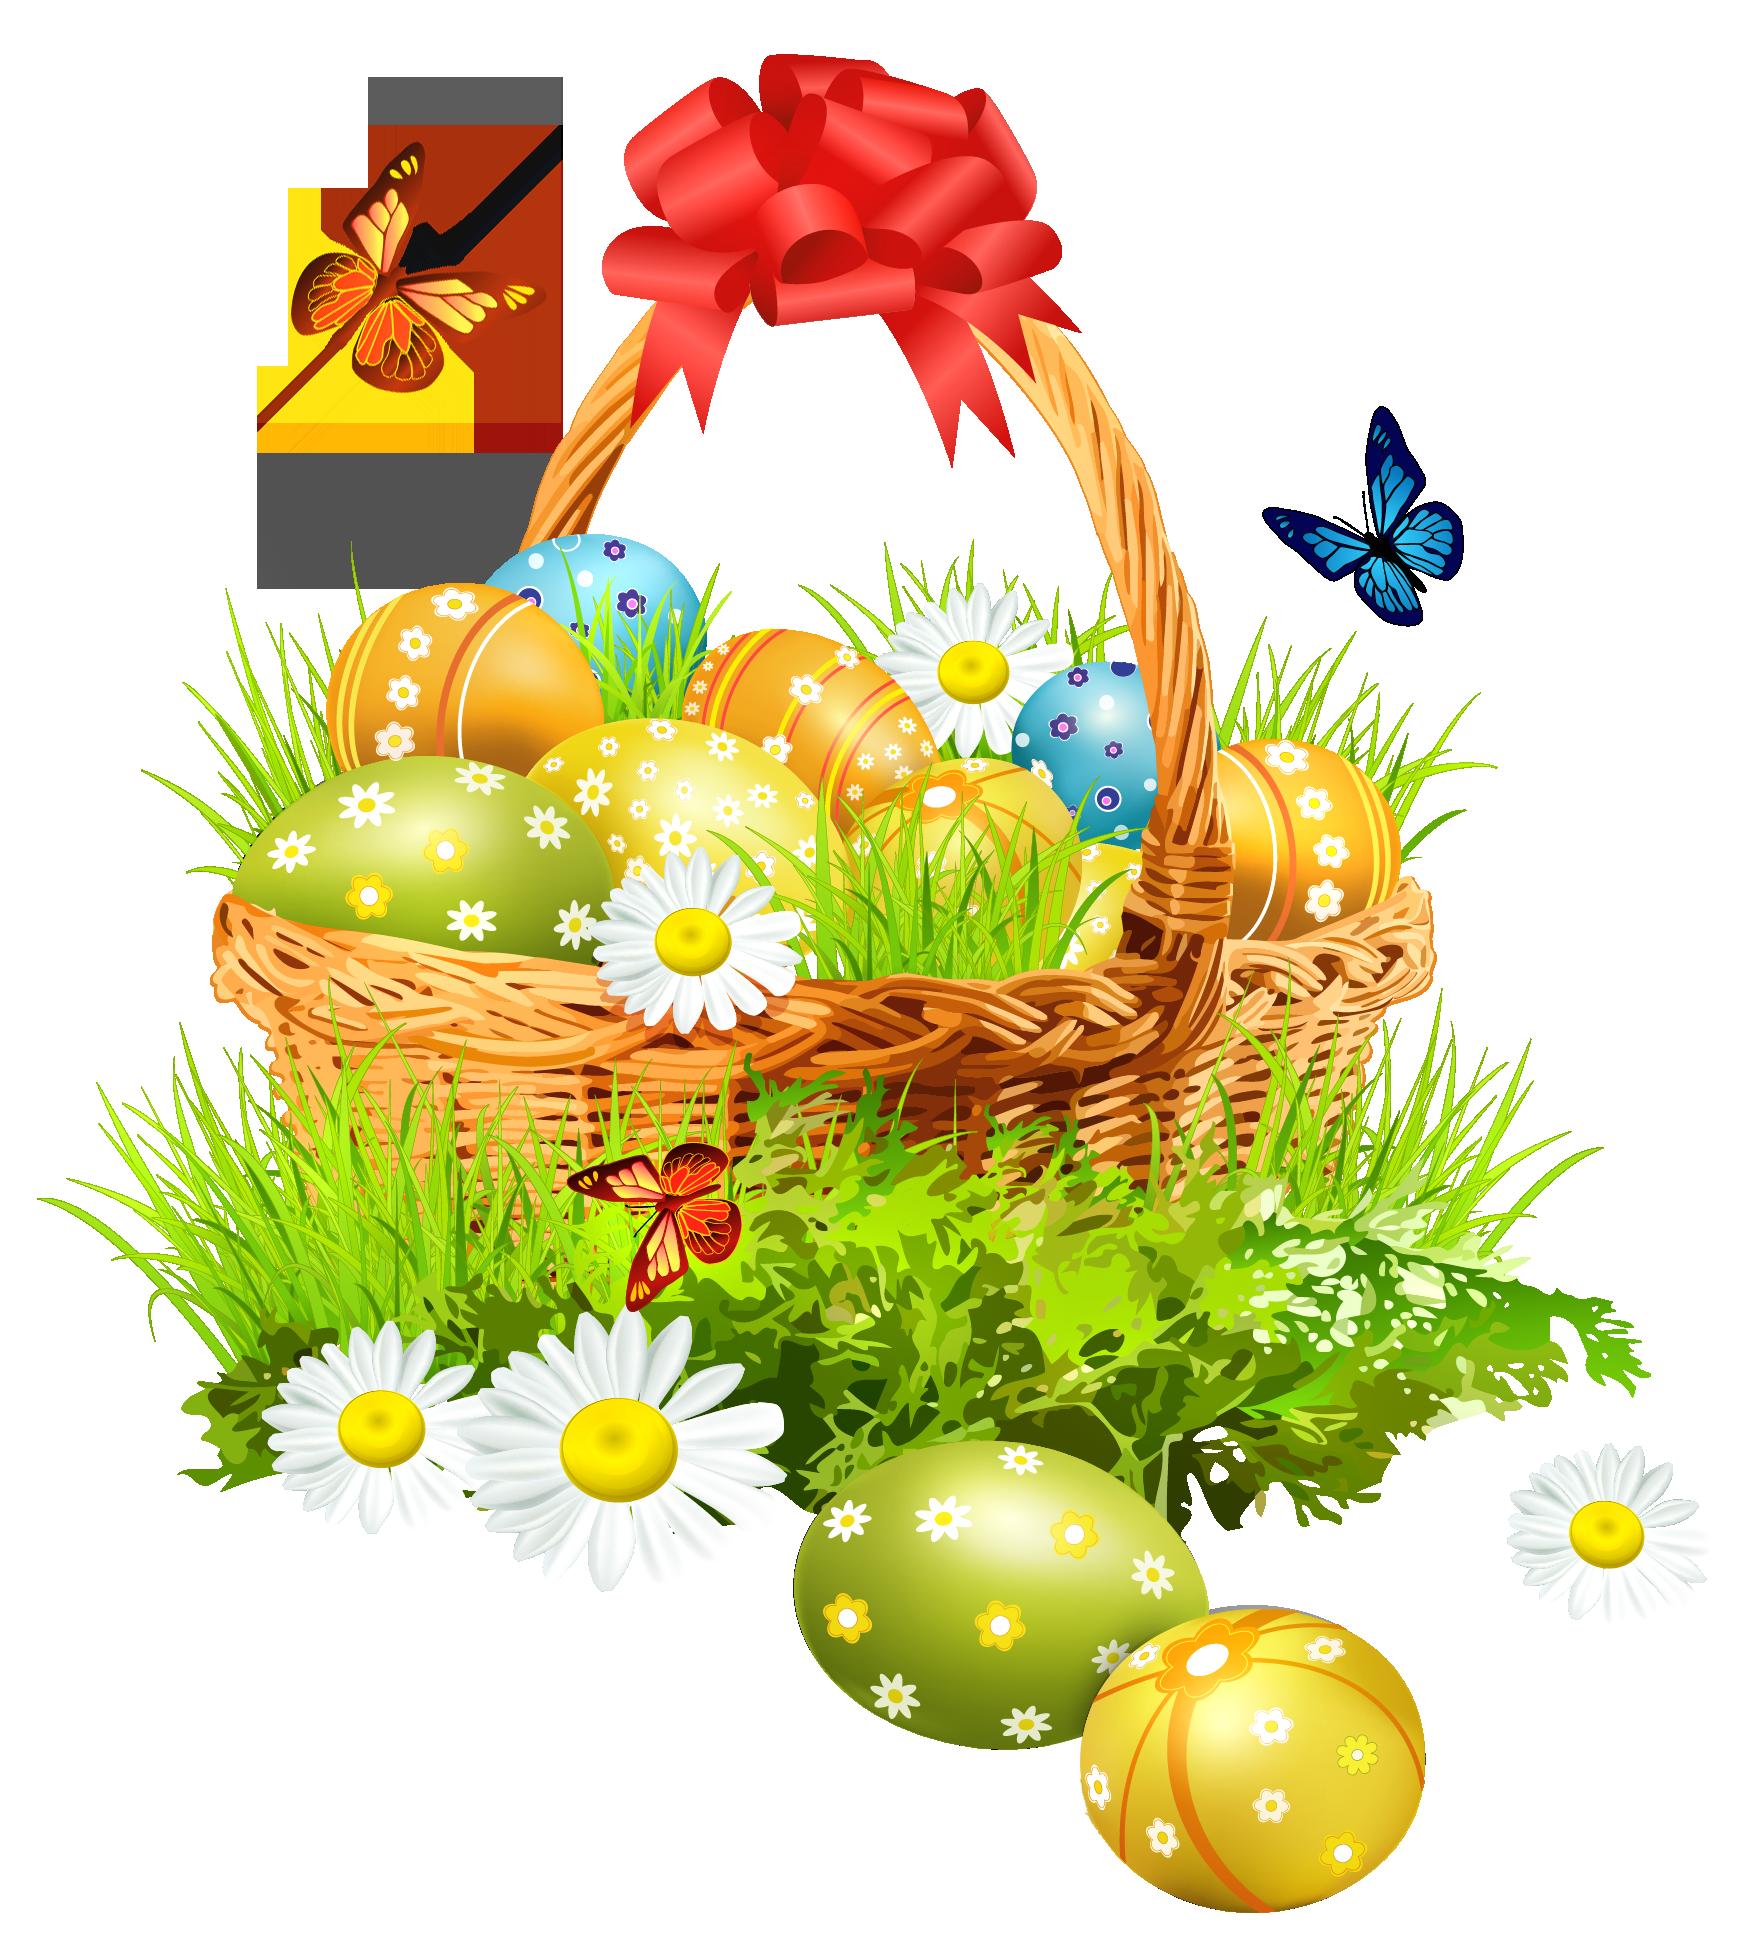 Schöne Osterbilder Und Sprüche - Schöne Osterbilder Und Sprüche